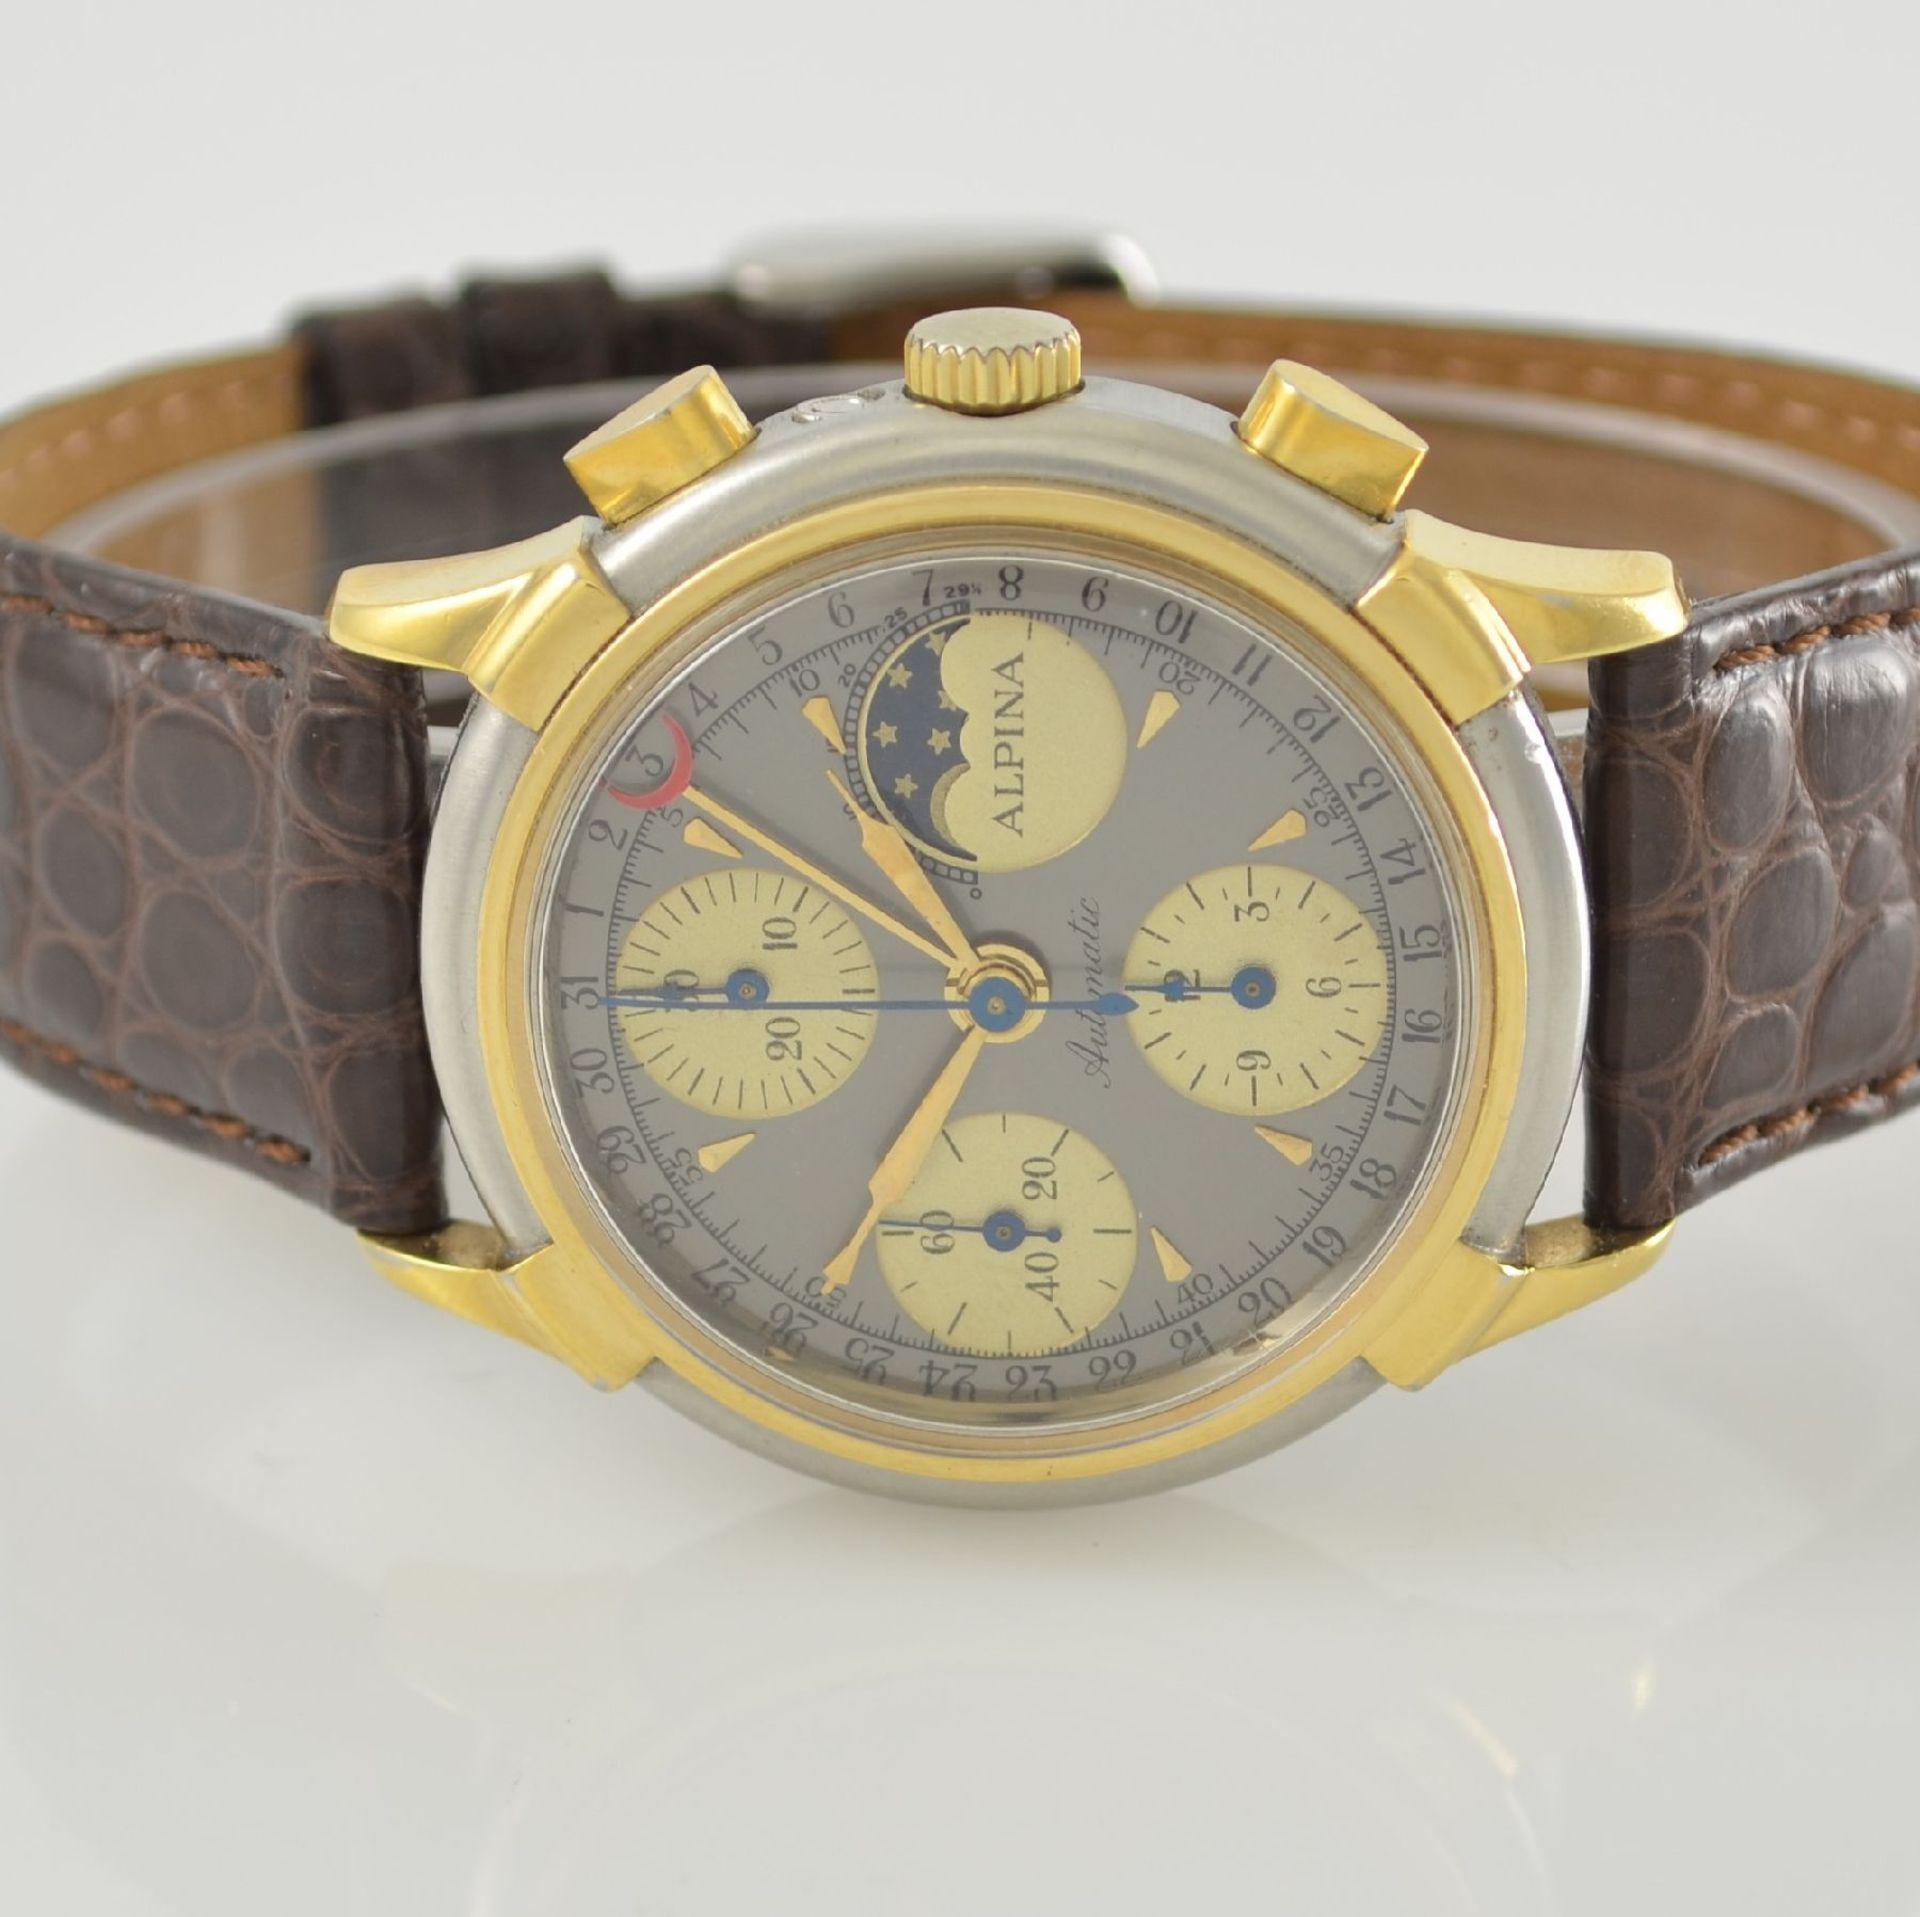 ALPINA Armbandchronograph mit Mondphase & Datum, Schweiz um 1990, Gehäuse in Edelstahl/Gold, Boden - Bild 2 aus 7